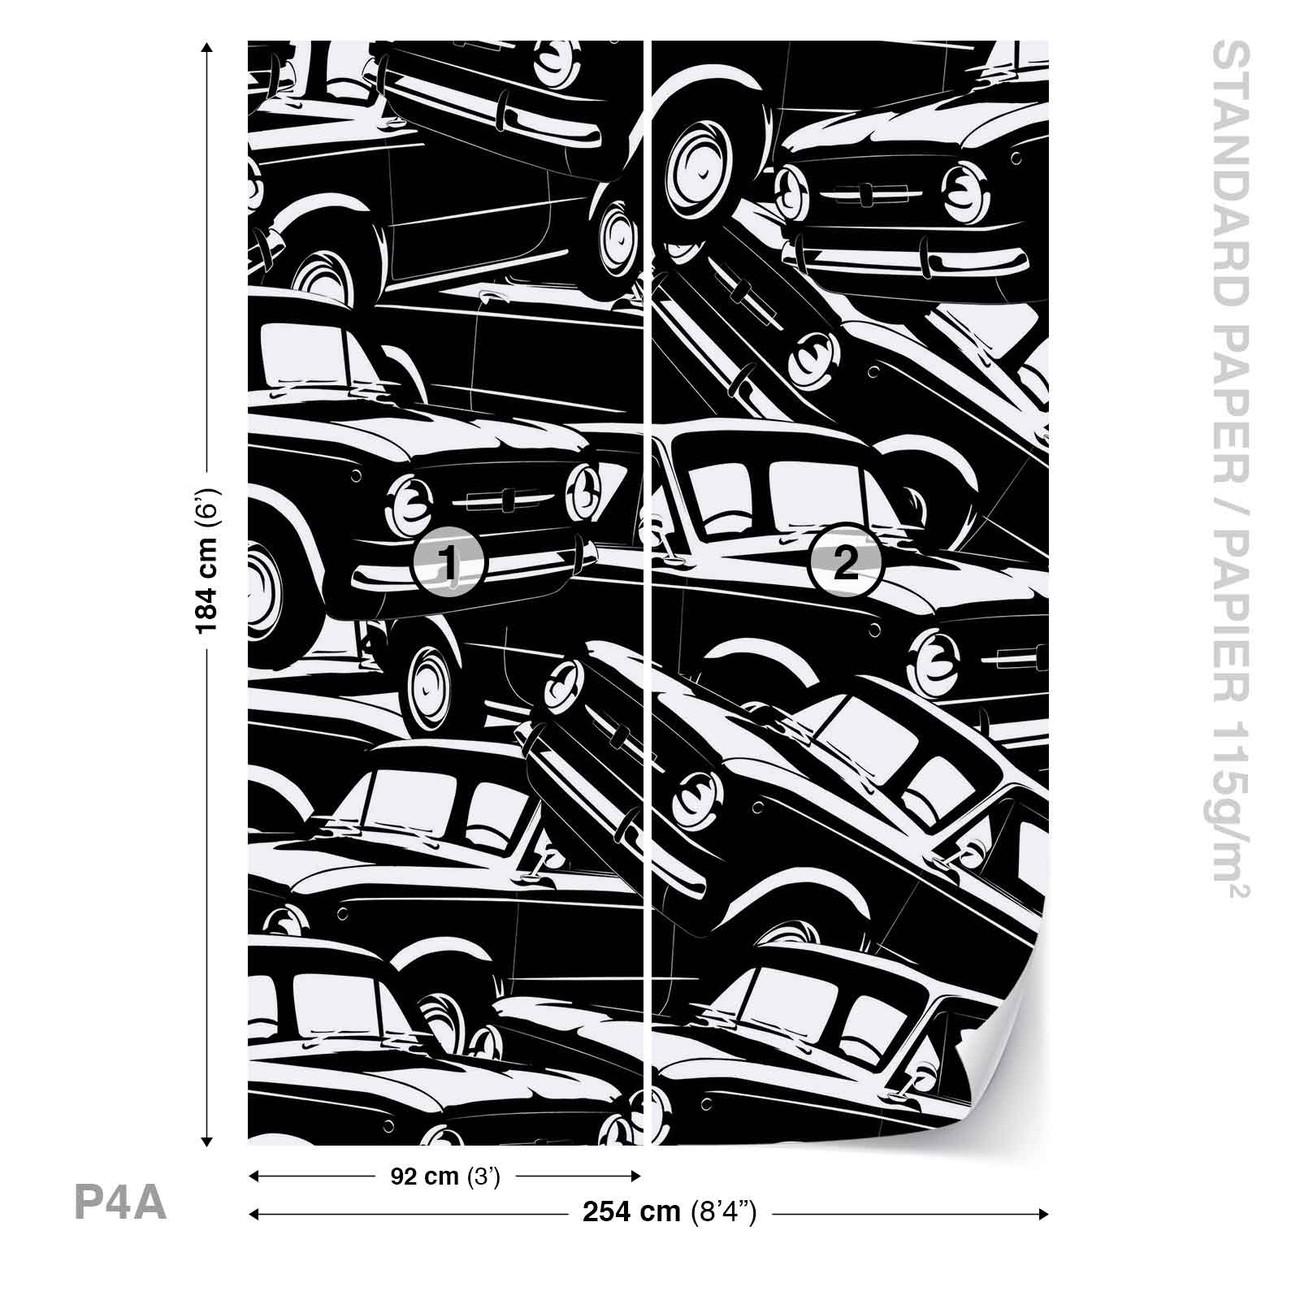 voitures vintage poster mural papier peint acheter le sur. Black Bedroom Furniture Sets. Home Design Ideas